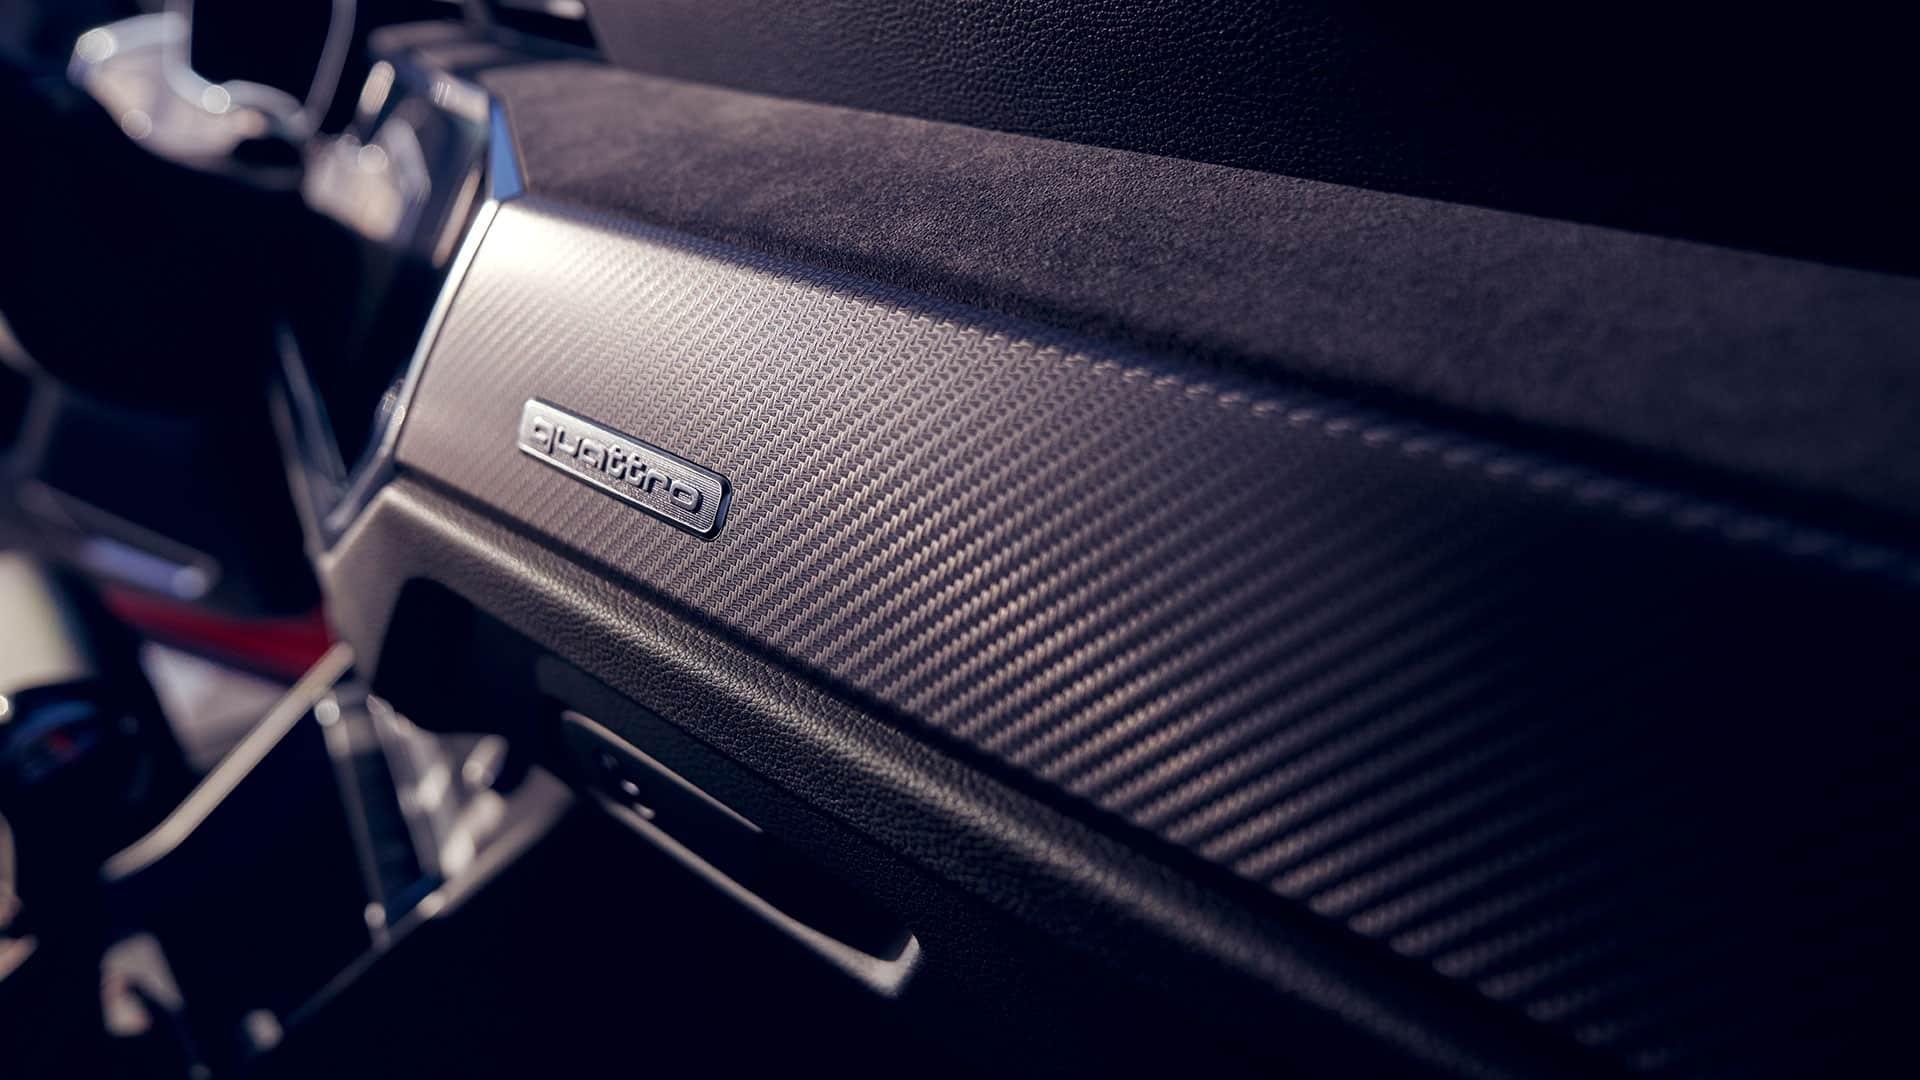 Interieur im Audi RS Q3 Sportback